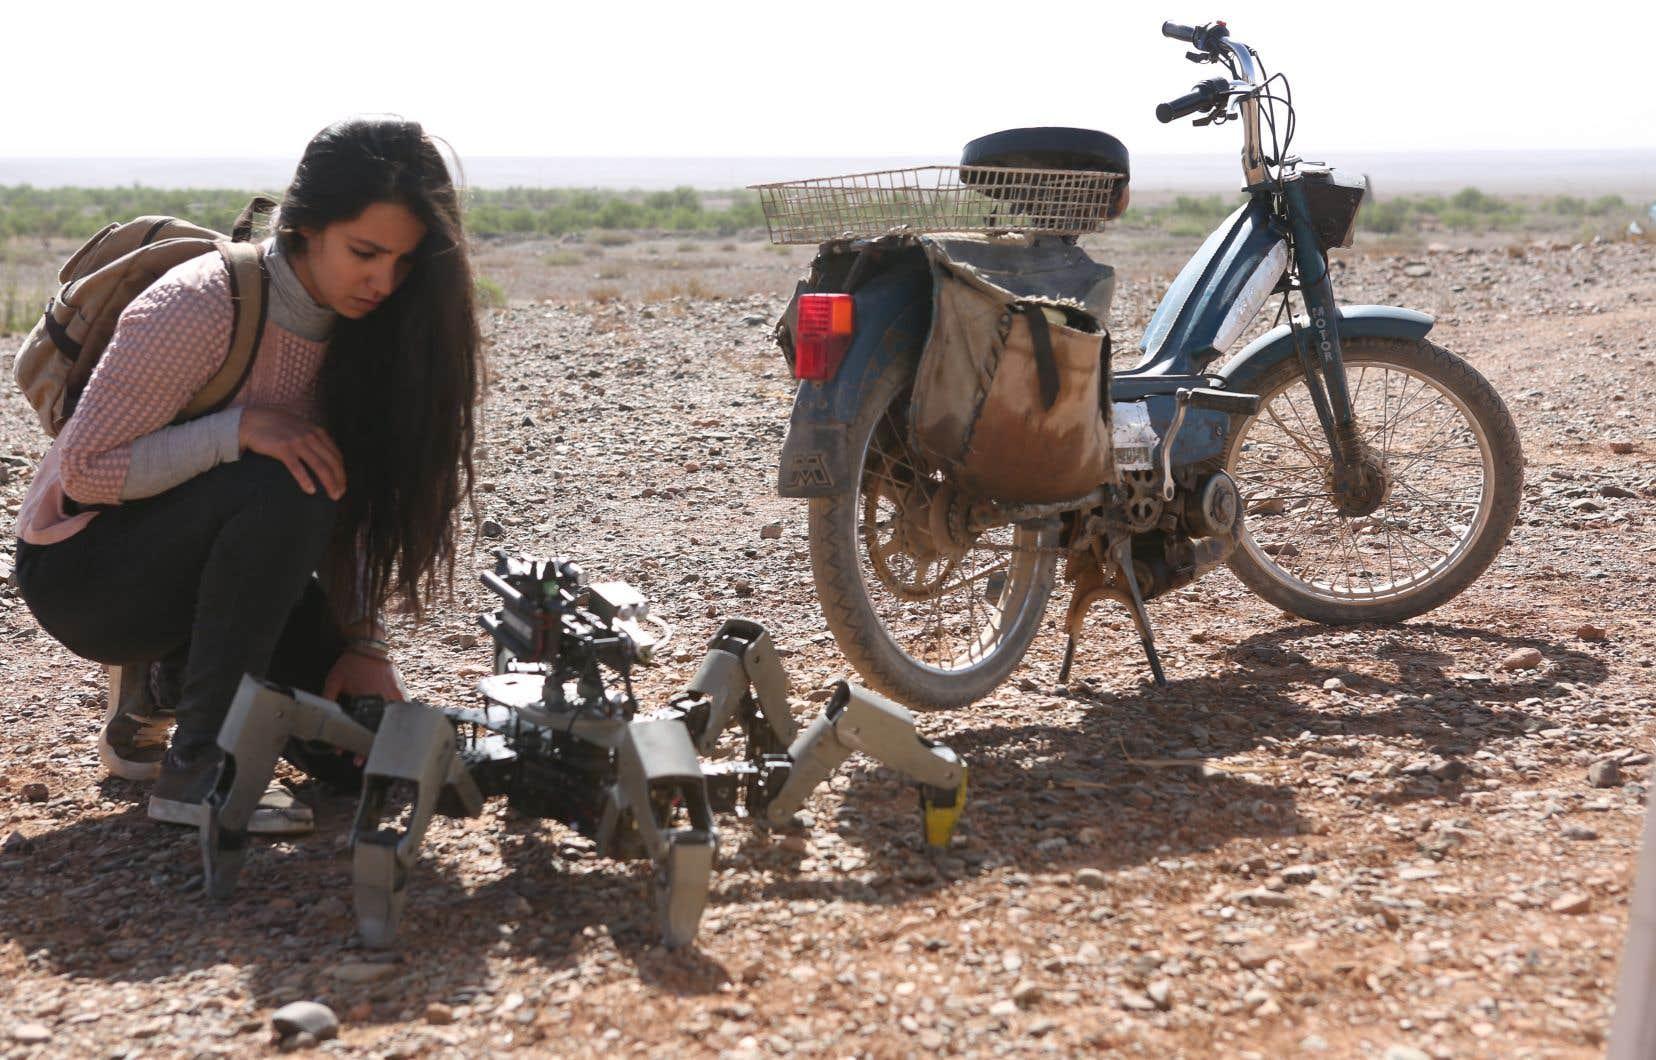 Lina El Arabi incarne le personnage d'Ayusha dans ce film de Kim Nguyen.